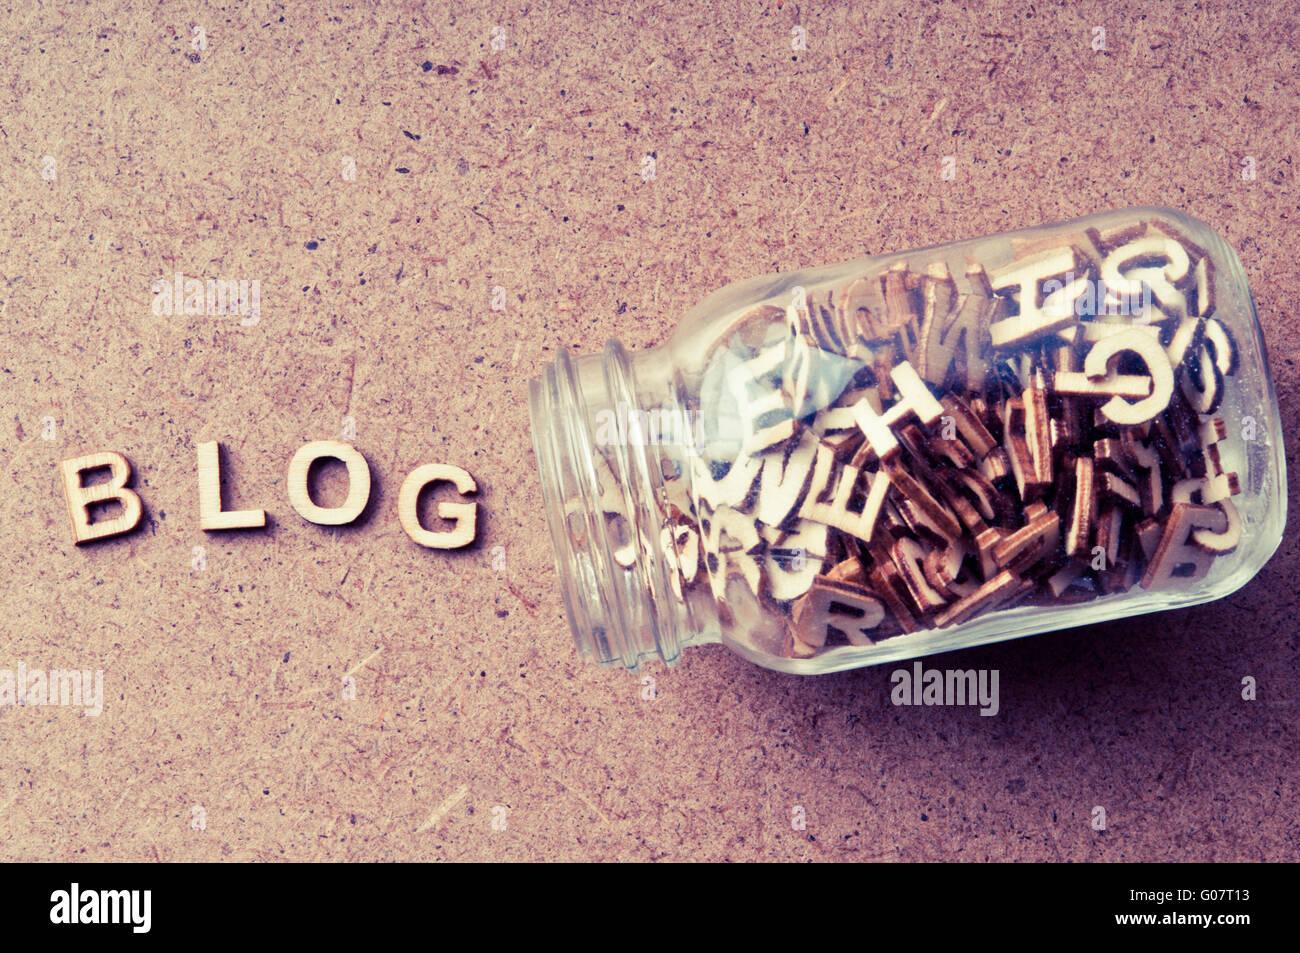 Wort Blog mit Buchstaben aus einer Flasche gebildet - blog Konzept Stockbild